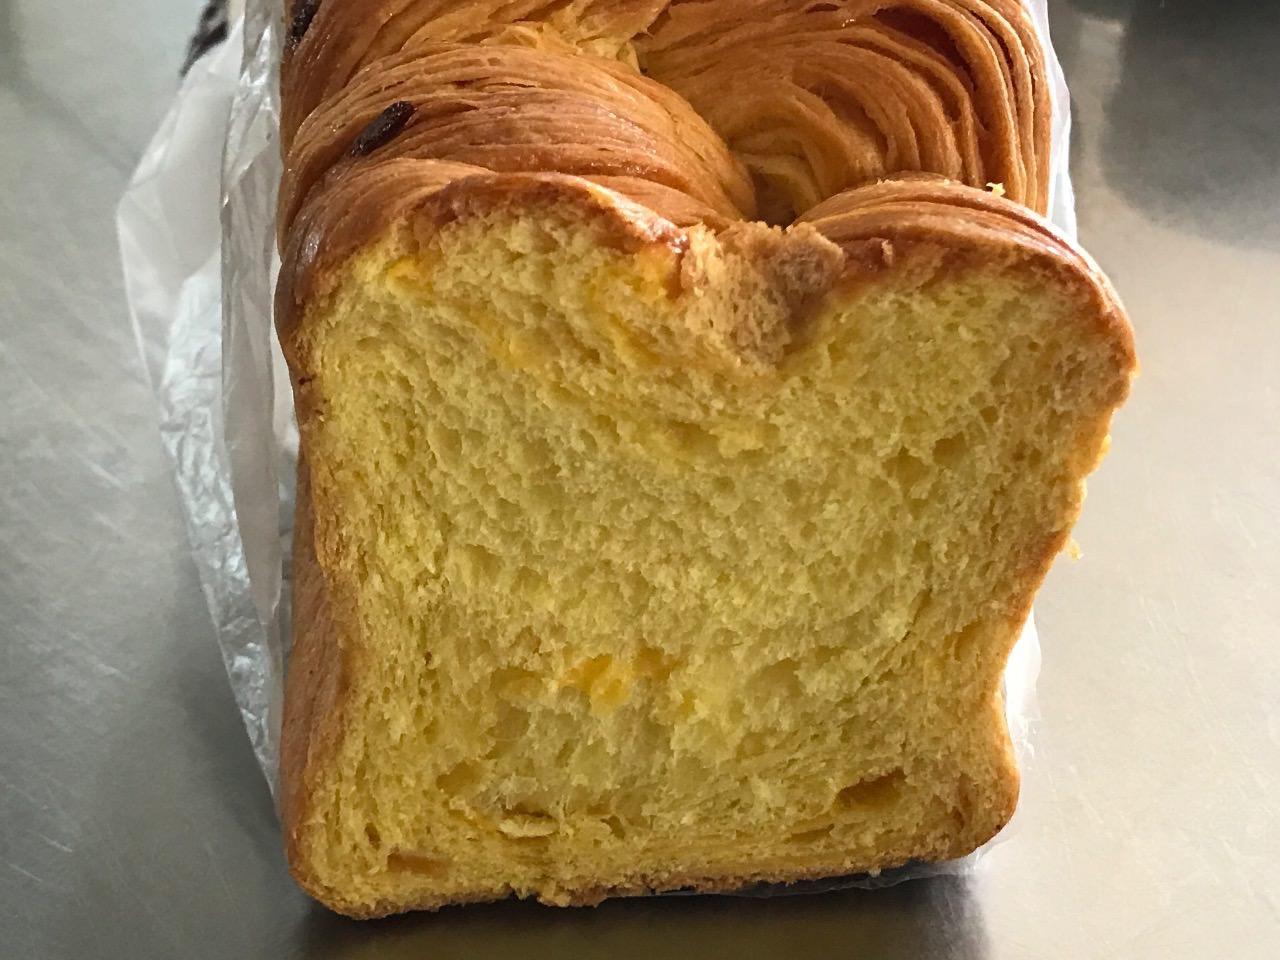 京都生まれの高級デニッシュパン「MIYABI」期間限定のマンゴー味が登場